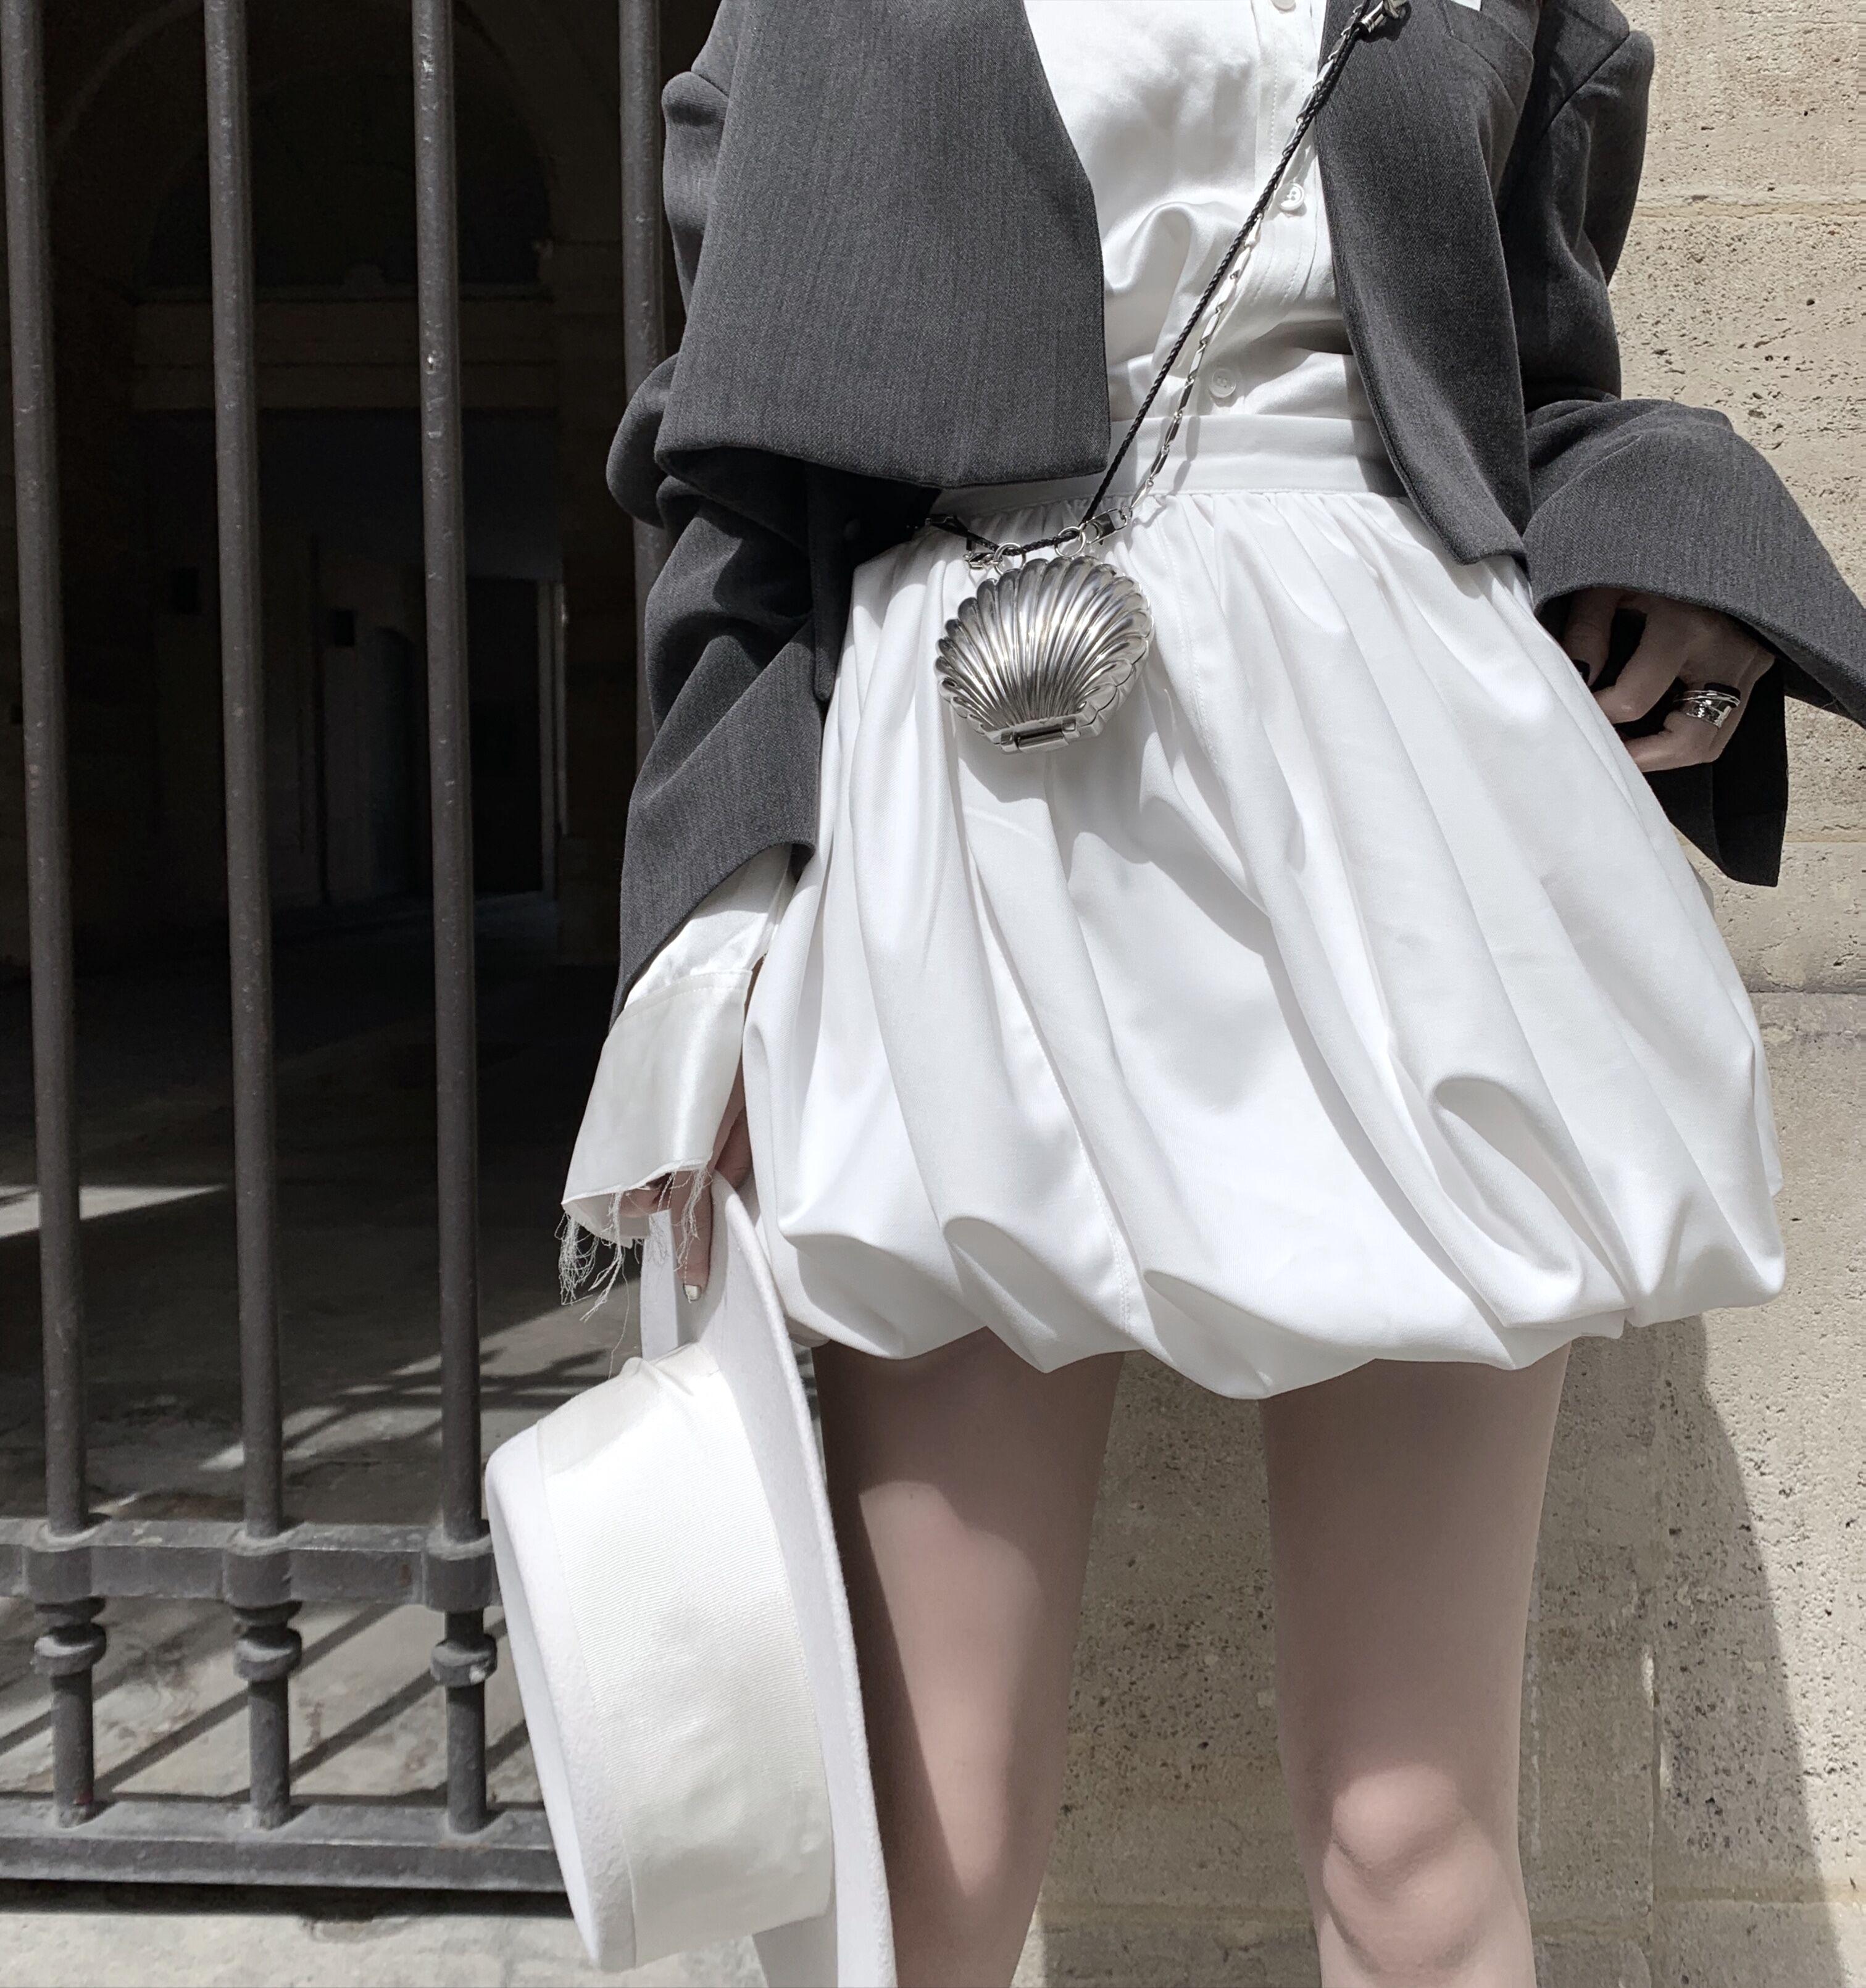 CHICYOU 时髦泡芙裙黑白灰三色高腰百搭气质名媛褶皱感半身裙短裙券后259.00元